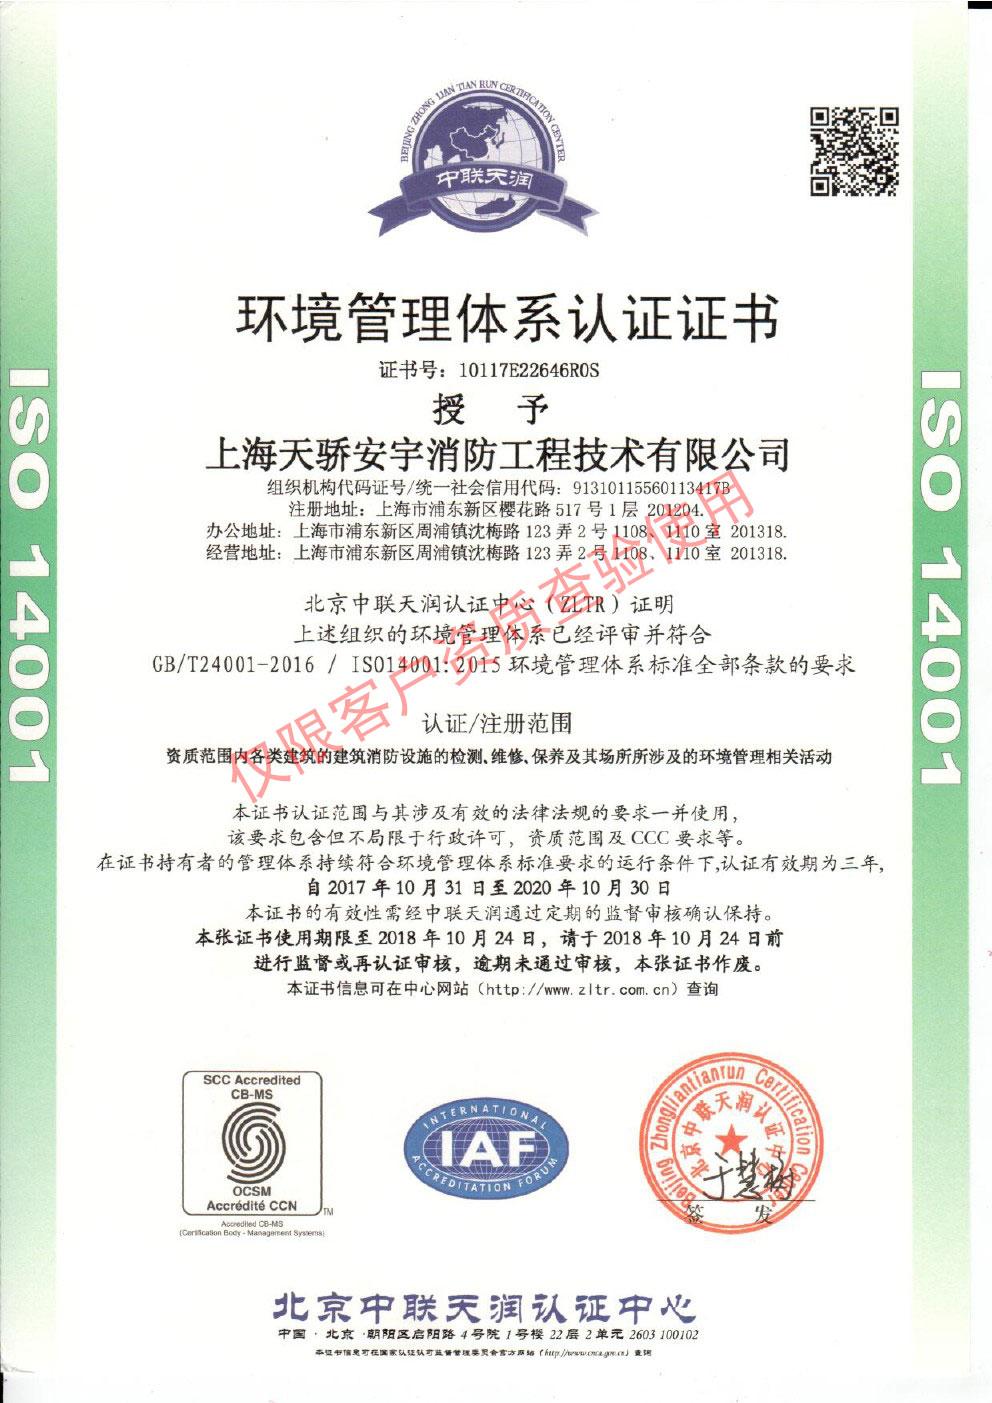 天骄环境管理体系认证证书